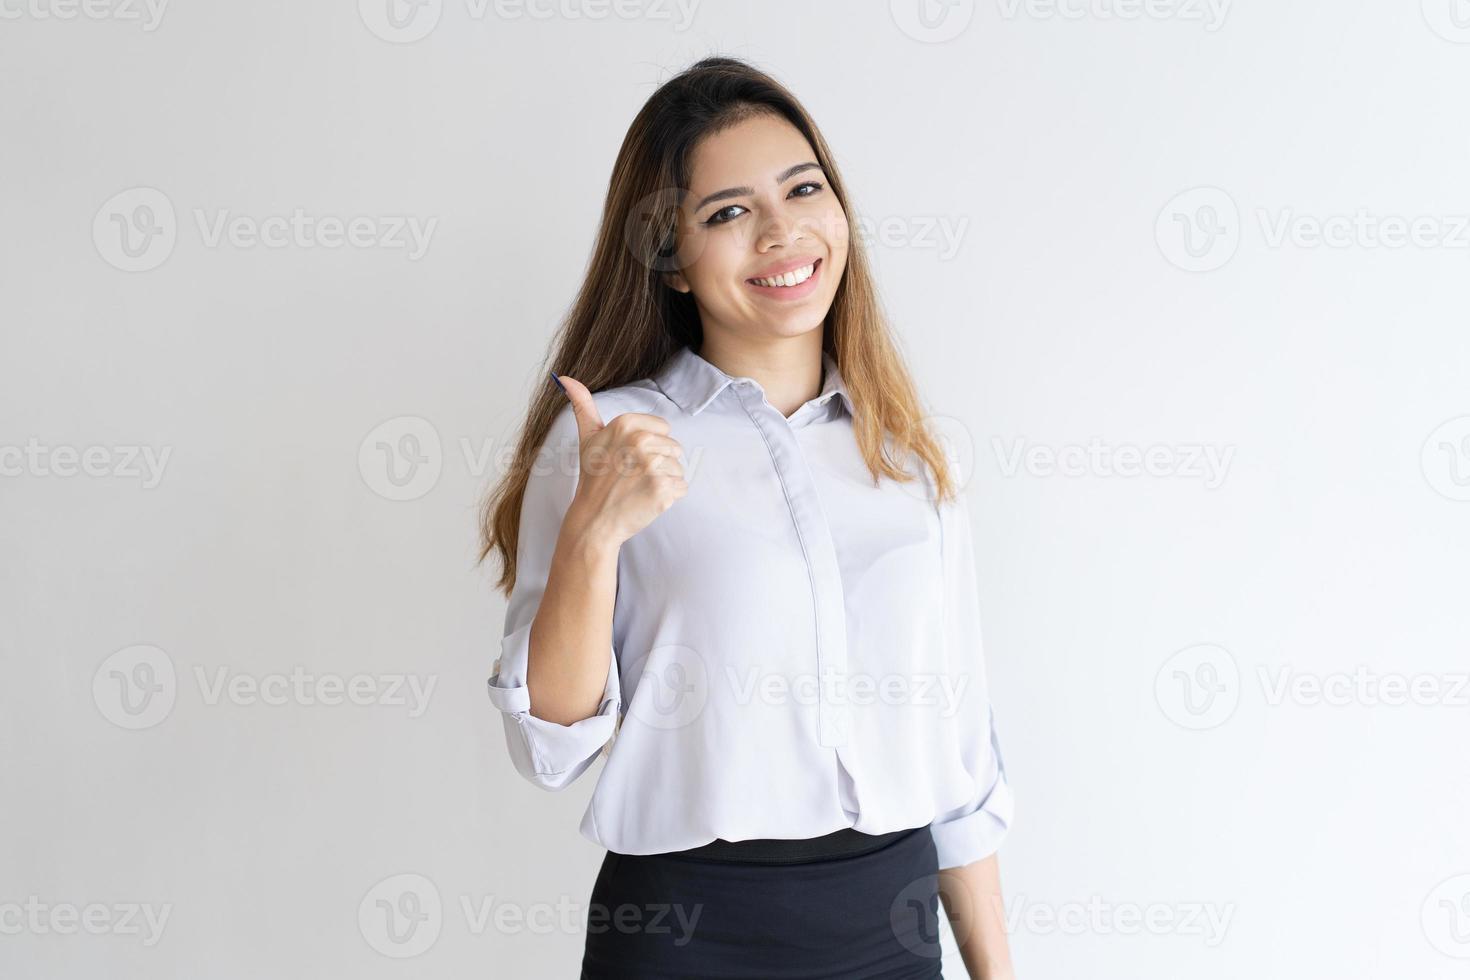 cliente feliz aprovando produto ou serviço foto